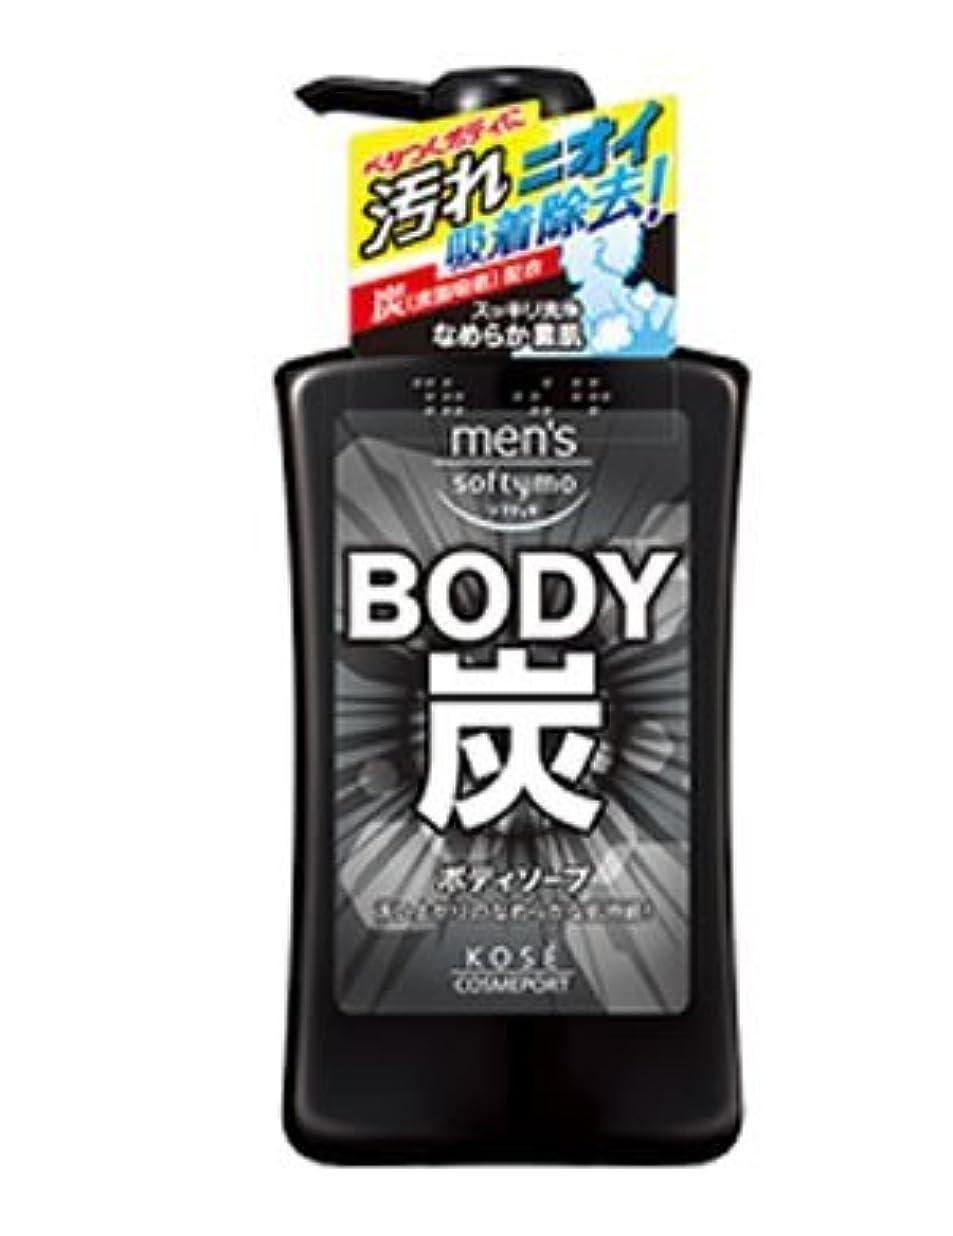 リル恋人偏見コーセー(KOSE)メンズソフティモ ボディソープ(炭)シトラスミントの香り 550ml(お買い得3個セット)